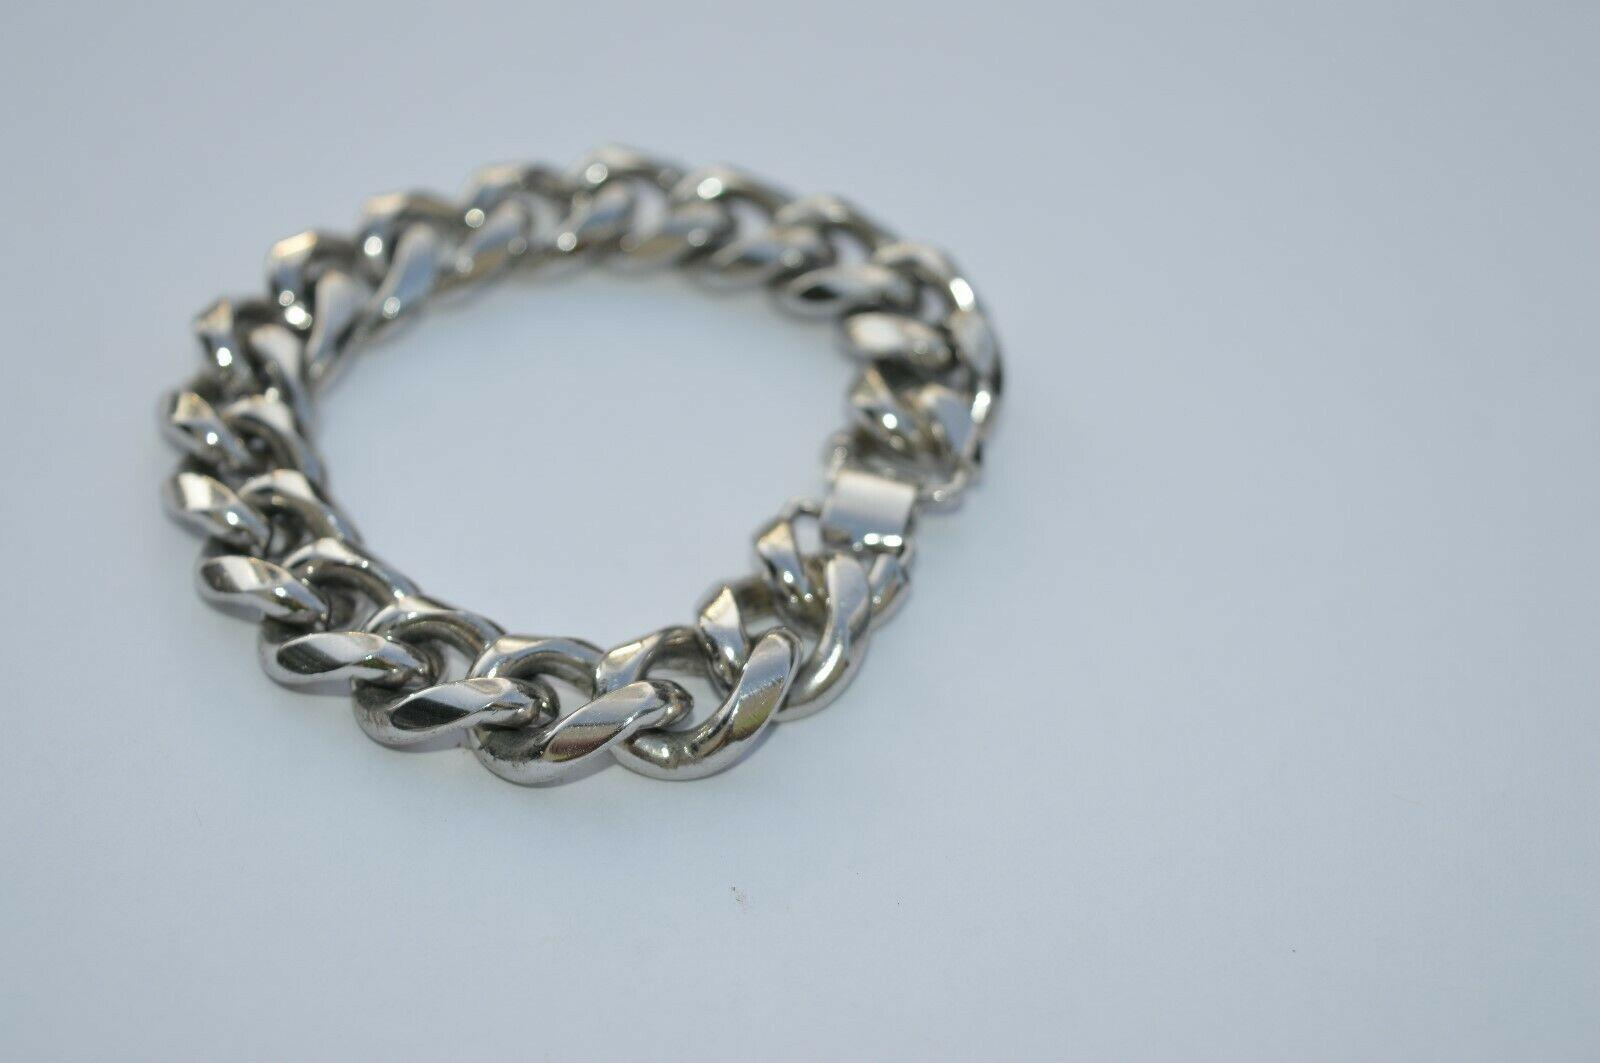 True Vtg NAPIER Heavy Link stainless steel Bracelet ''NICE'' image 2